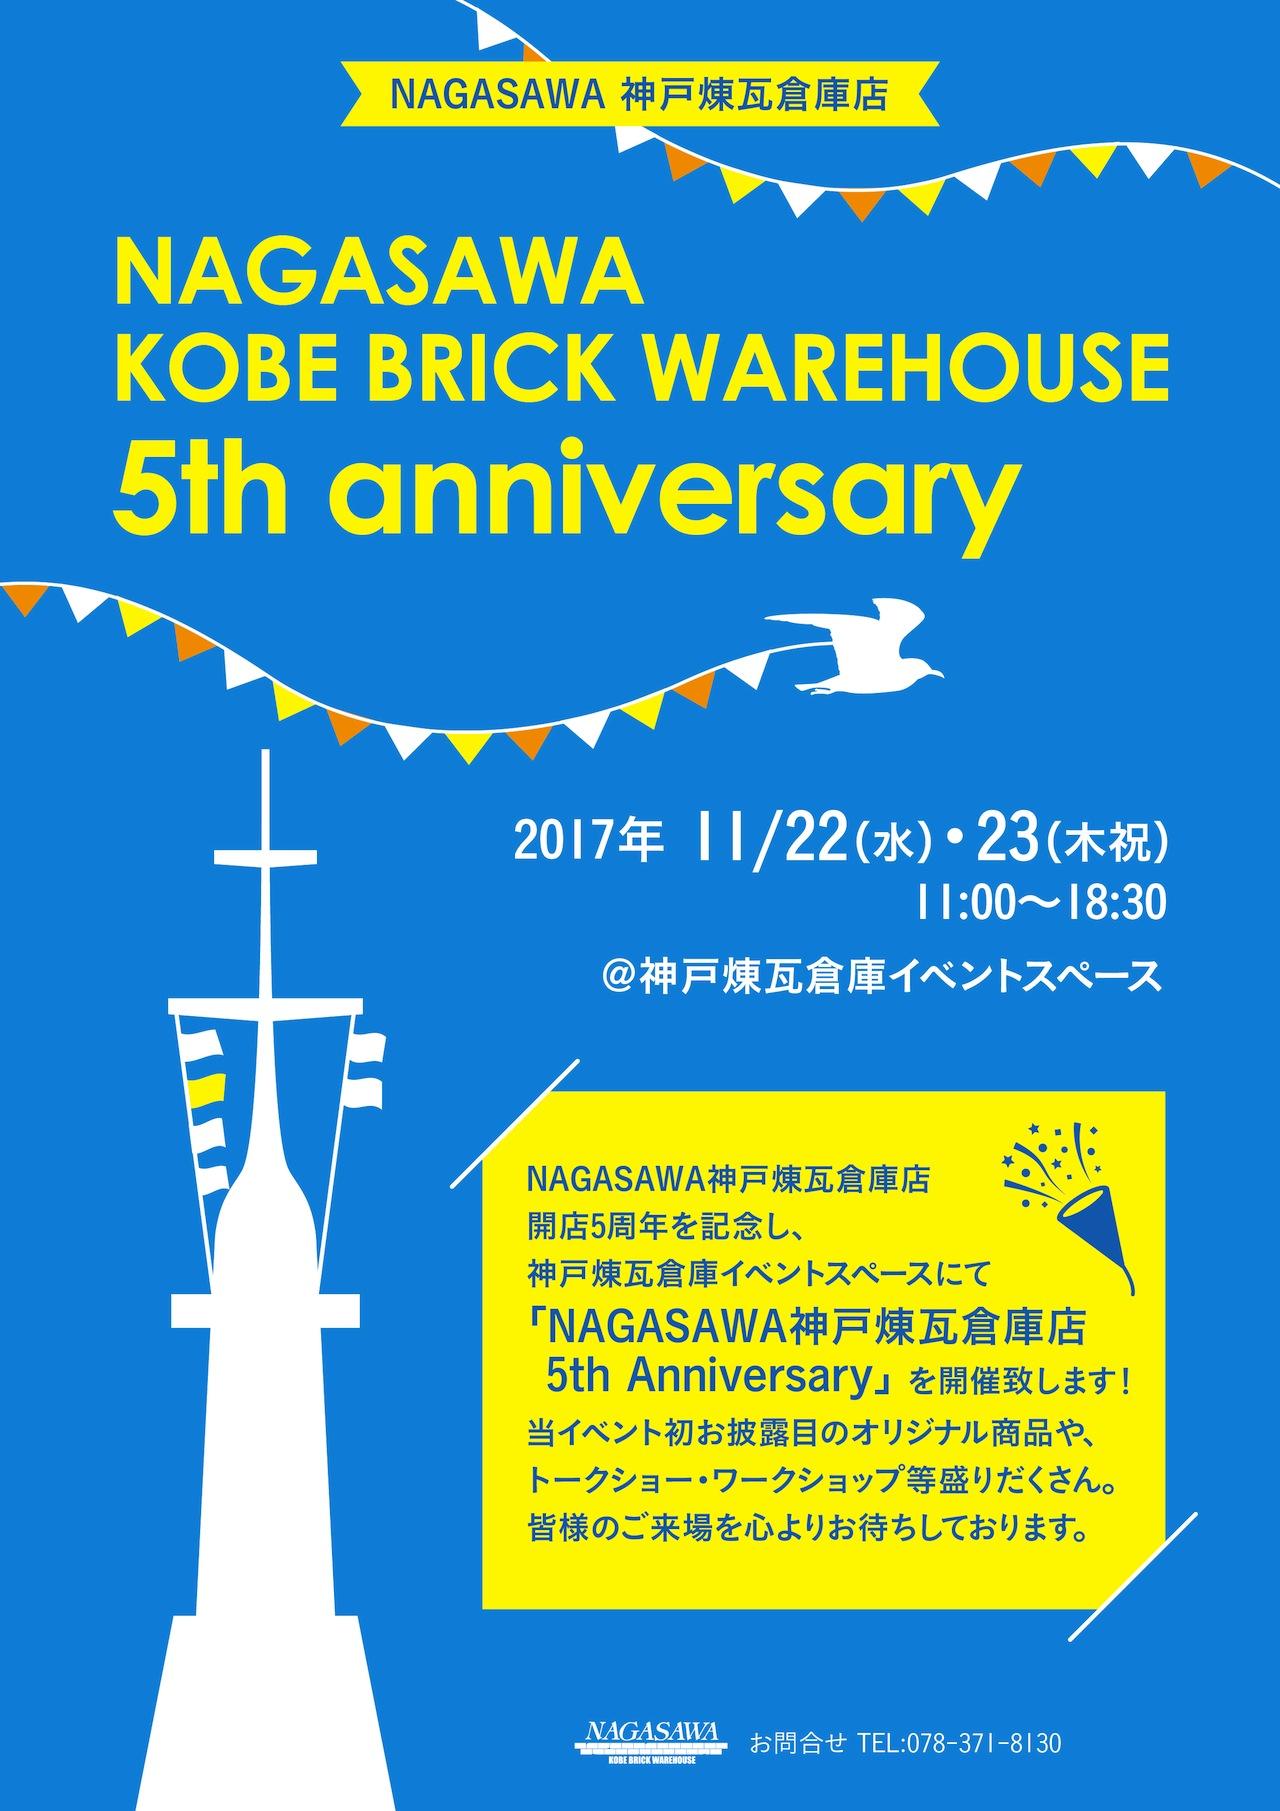 神戸ハーバーランドにあるNAGASAWA神戸煉瓦倉庫店で5周年イベント開催!